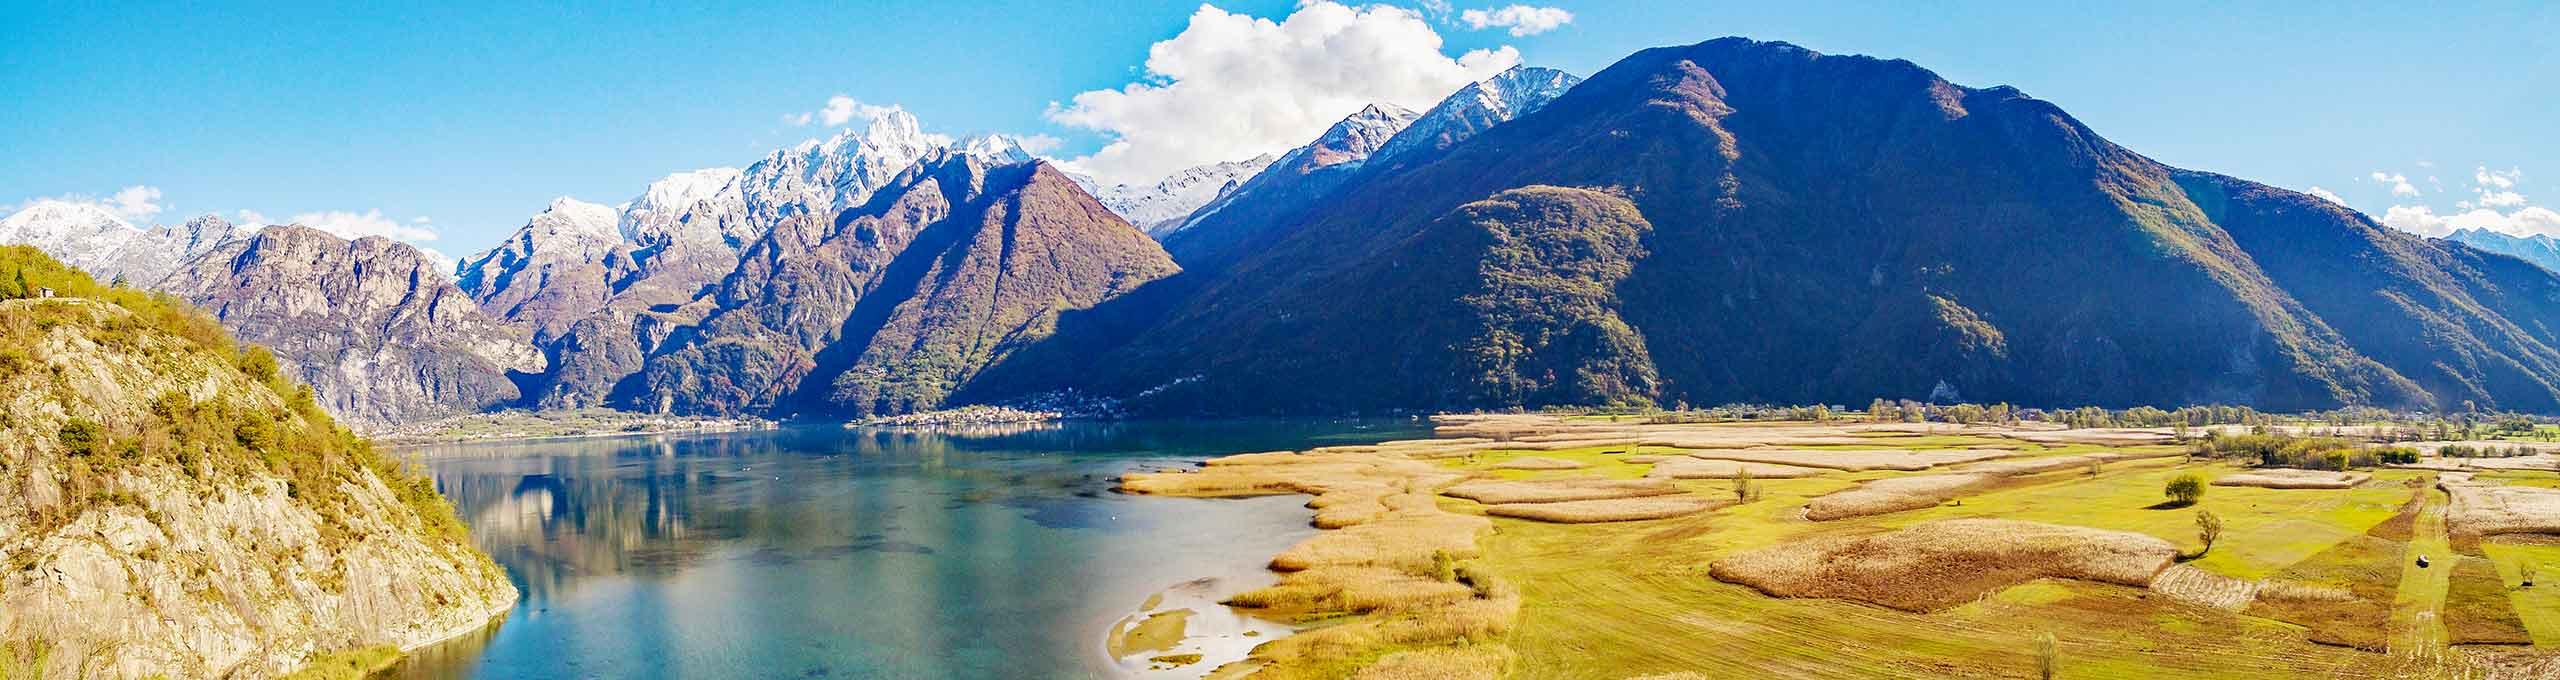 Novate Mezzola, Valtellina, Riserva Naturale Pian di Spagna